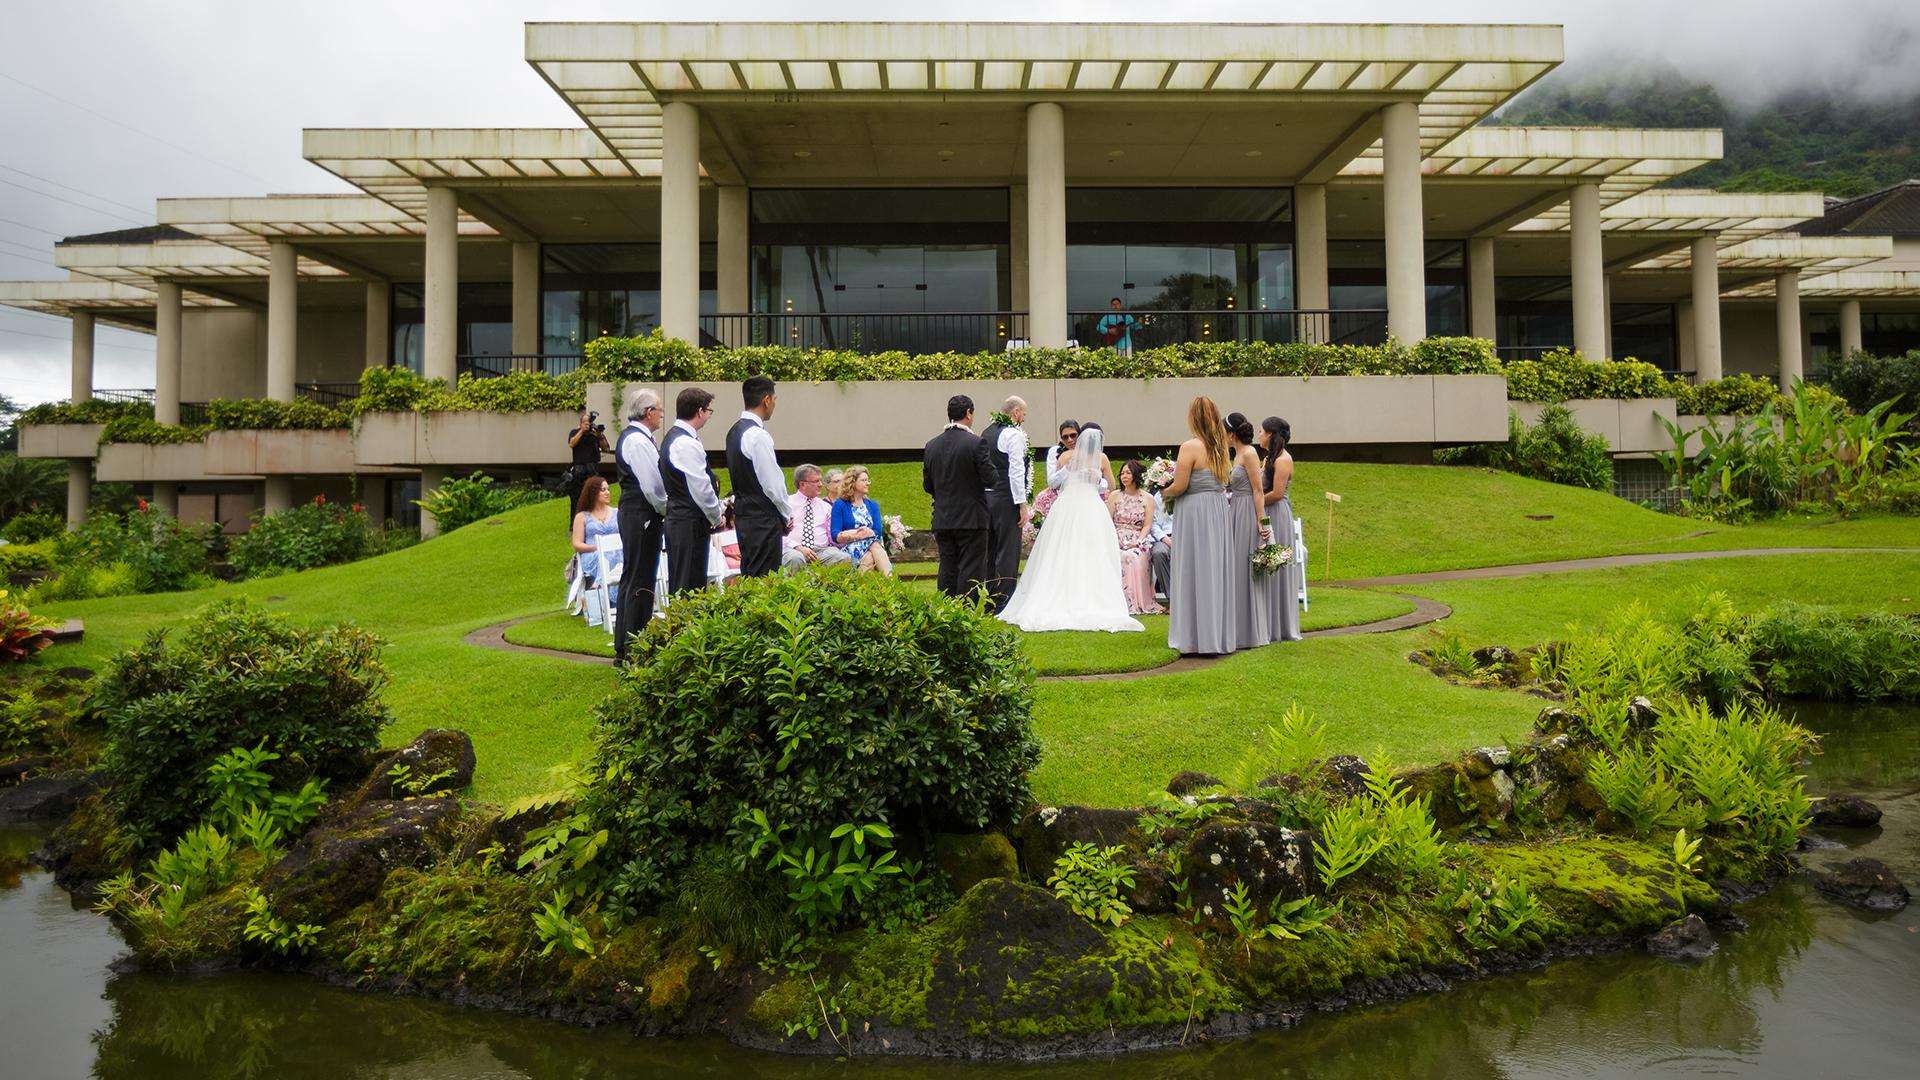 Wedding ceremony at the Koolau Ballroom's Outdoor Garden in Hawaii.